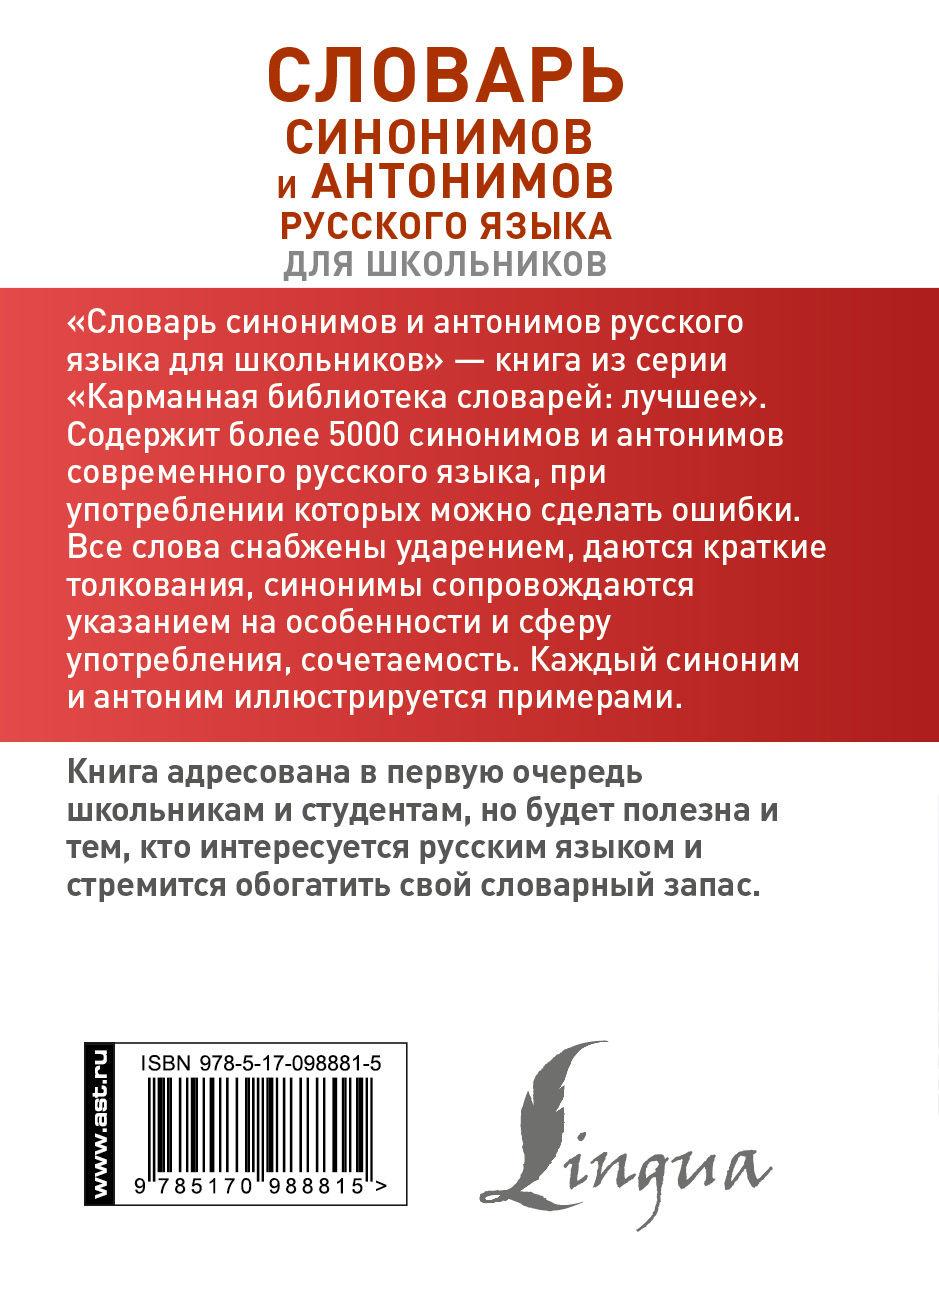 орфоэпический словарь русского языка под редакцией михайлова